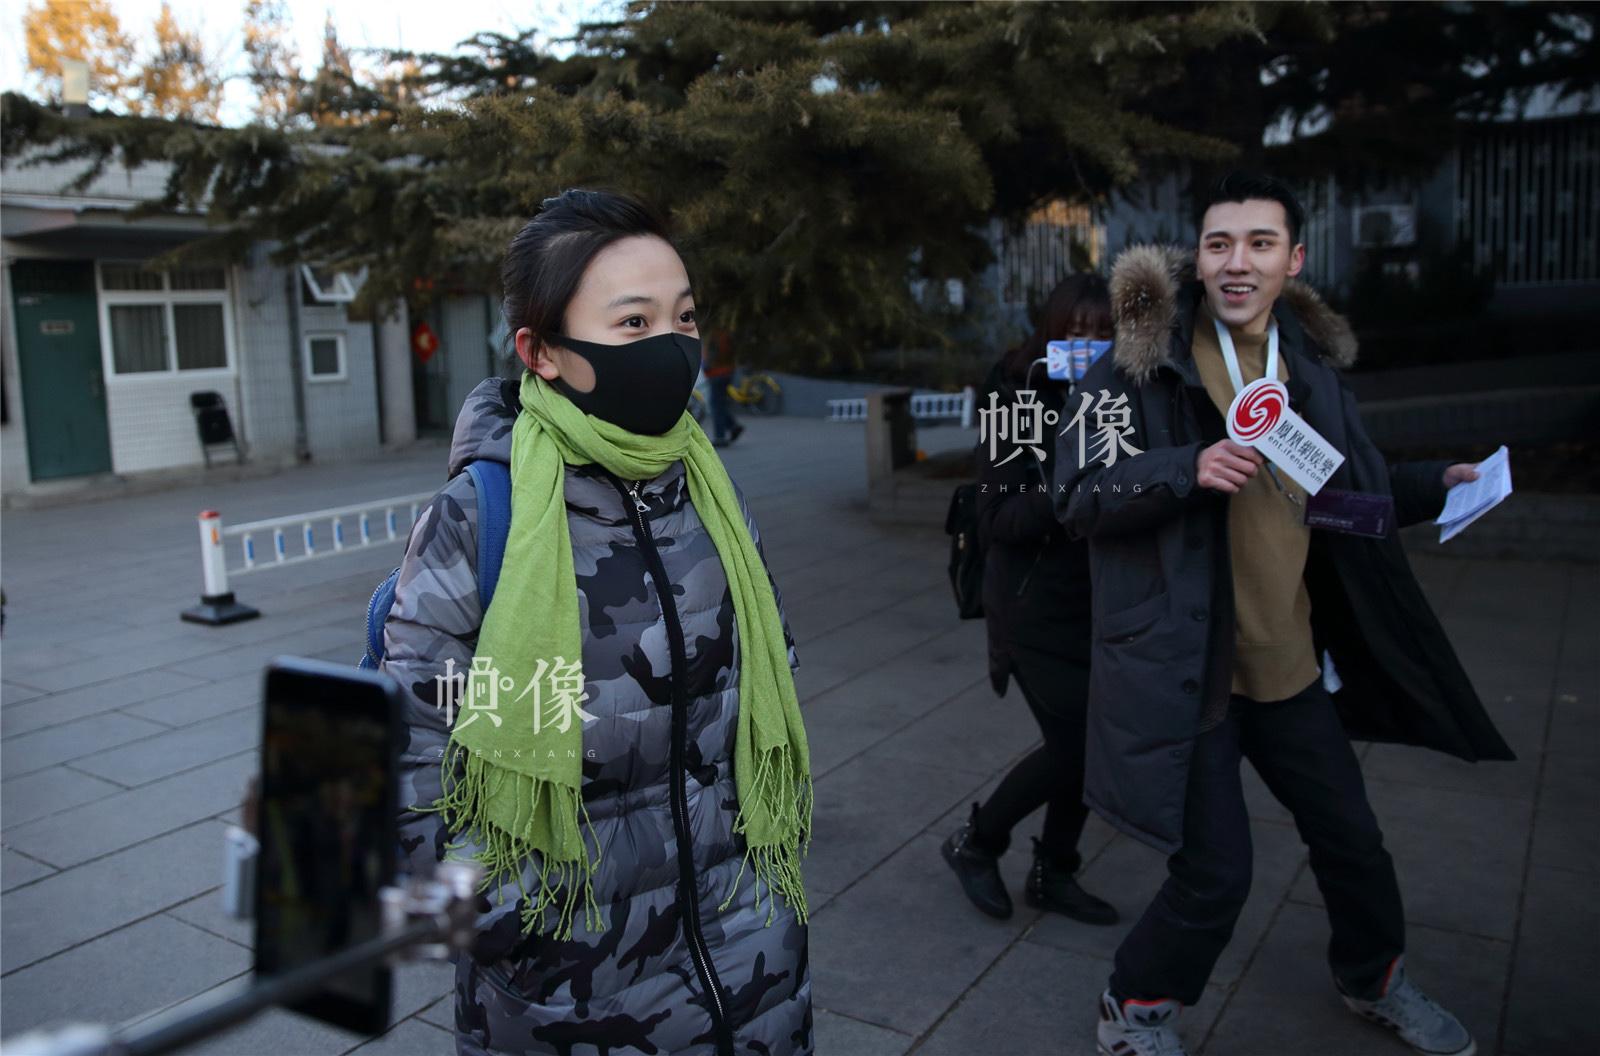 2017年2月10日,北京电影学院,林妙可亮相考场。中国网记者陈维松 摄